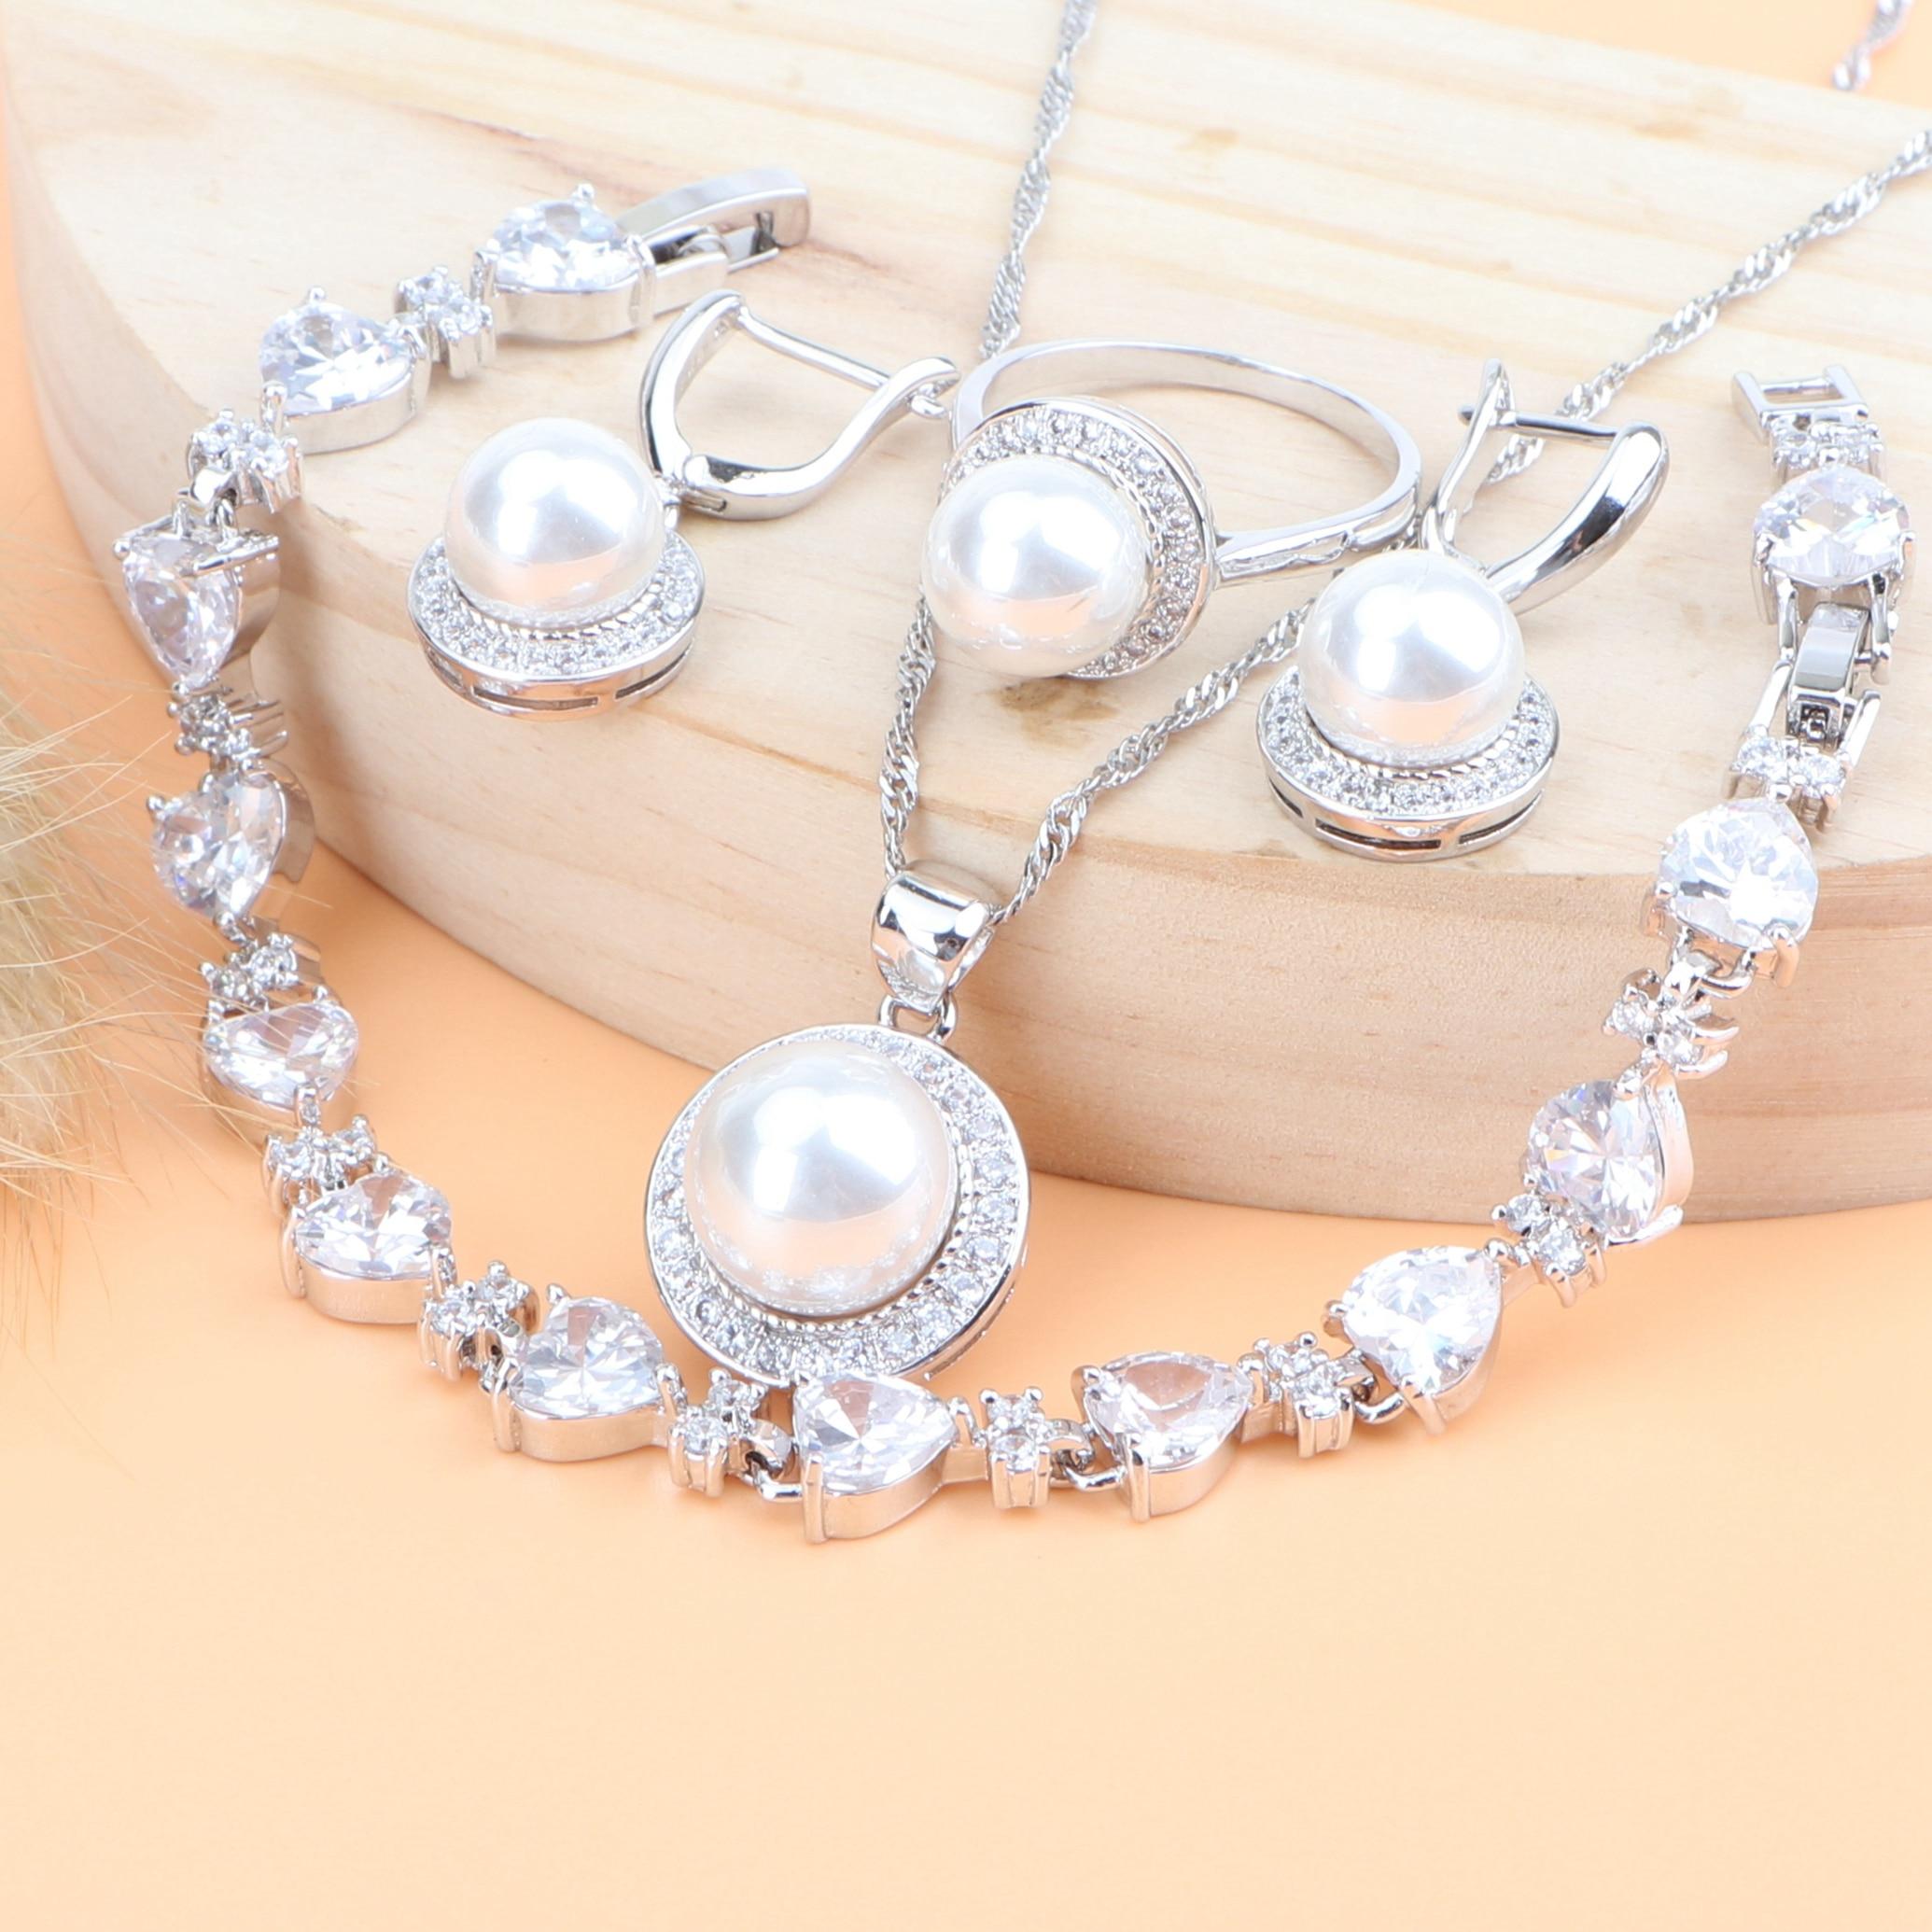 Zirconia boda mujeres perla plata 925 conjuntos de joyería nupcial pendientes para disfraces anillos colgante collar pulsera Set caja de regalo